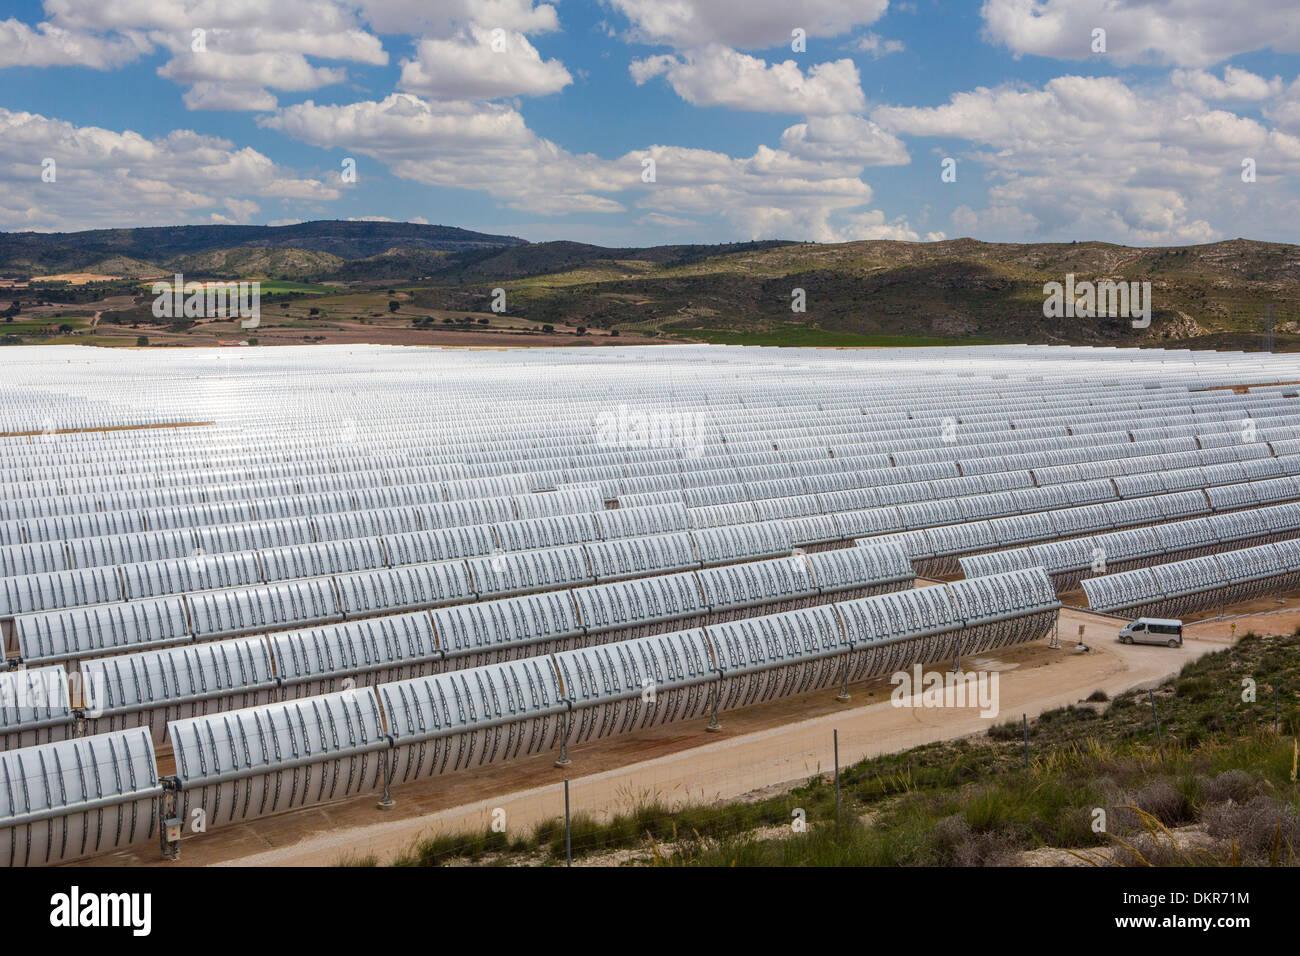 Europa Spagna Murcia Provincia energia solare grandi nuvole di business per lo sviluppo del settore dell'energia solare del paesaggio bianco di Sun Immagini Stock